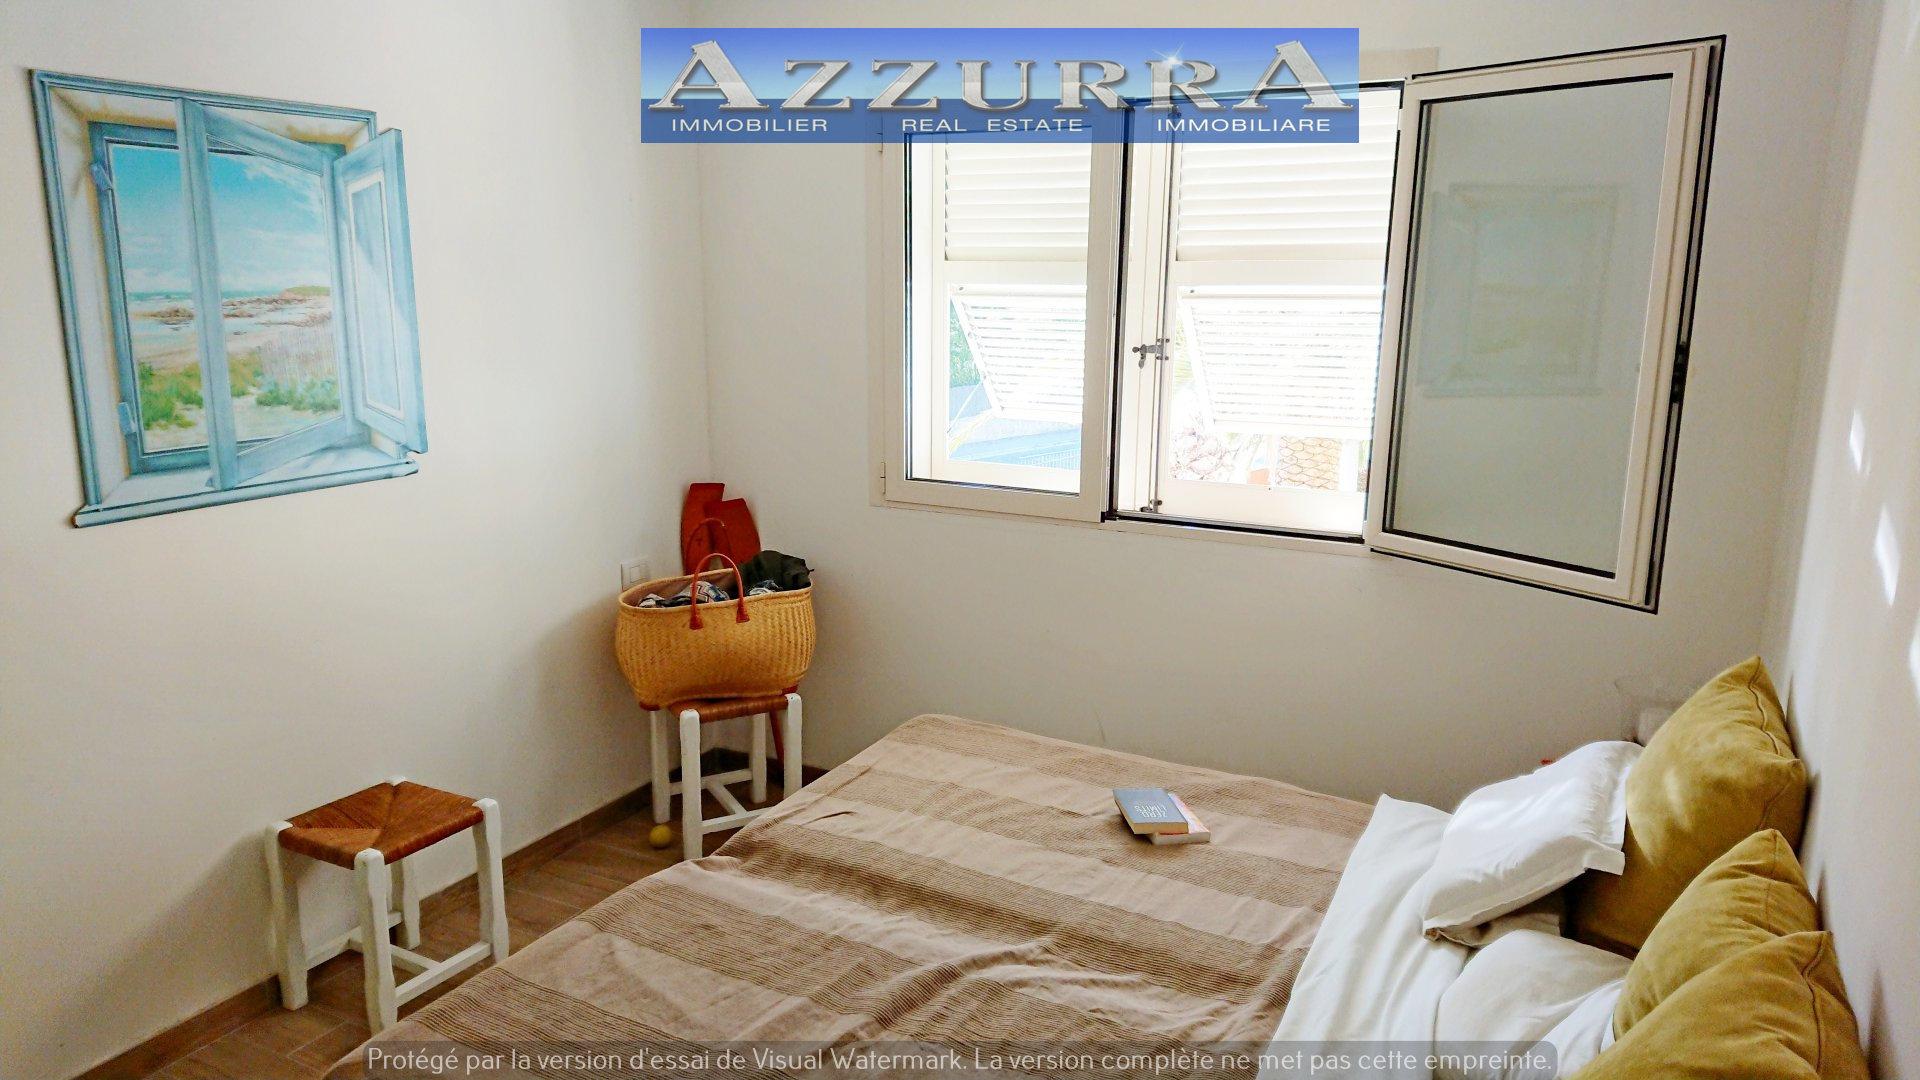 ACHAT NEUF appartement saint raphael le dramont 3 pièces 1er étage